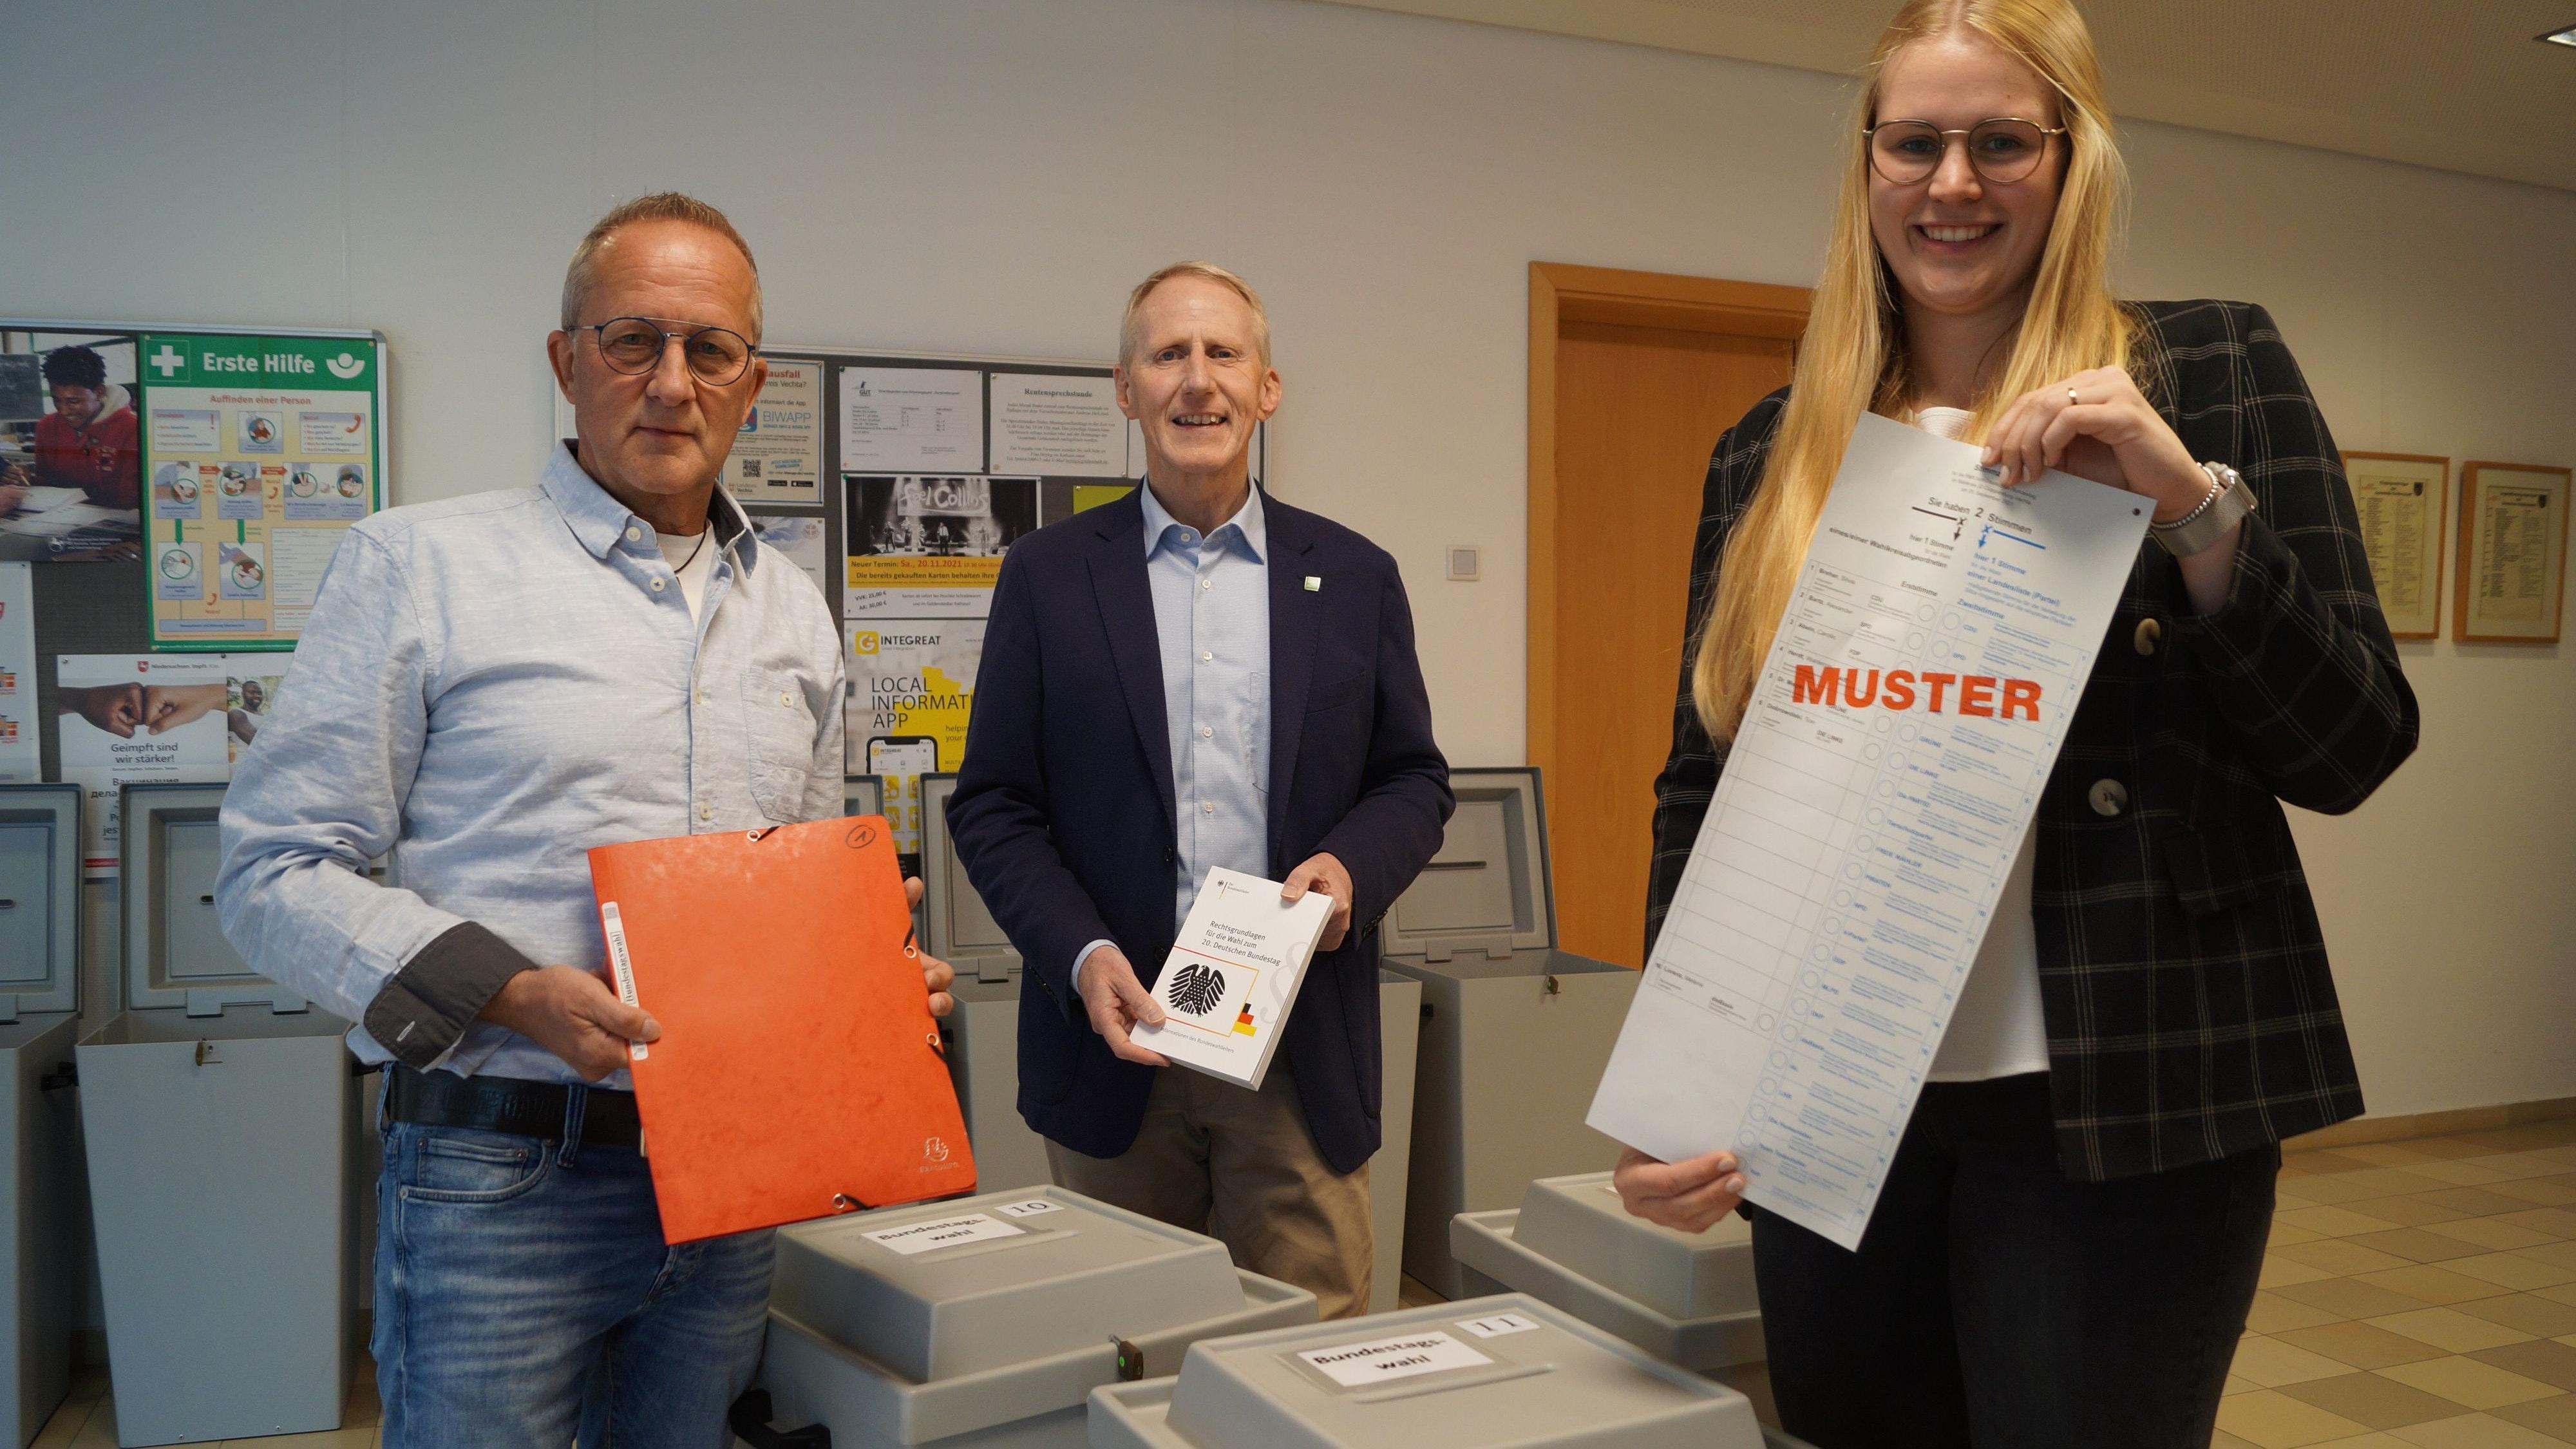 Alles ist vorbereitet: Peter Böckmann (links) war rund 30 Jahre lang für die Wahlen in Goldenstedt verantwortlich. Diese Aufgabe übernimmt nun Kim Klostermann (rechts). Bürgermeister Alfred Kuhlmann (Mitte) ist glücklich über den gelungenen Generationenwechsel. Foto: C. Meyer